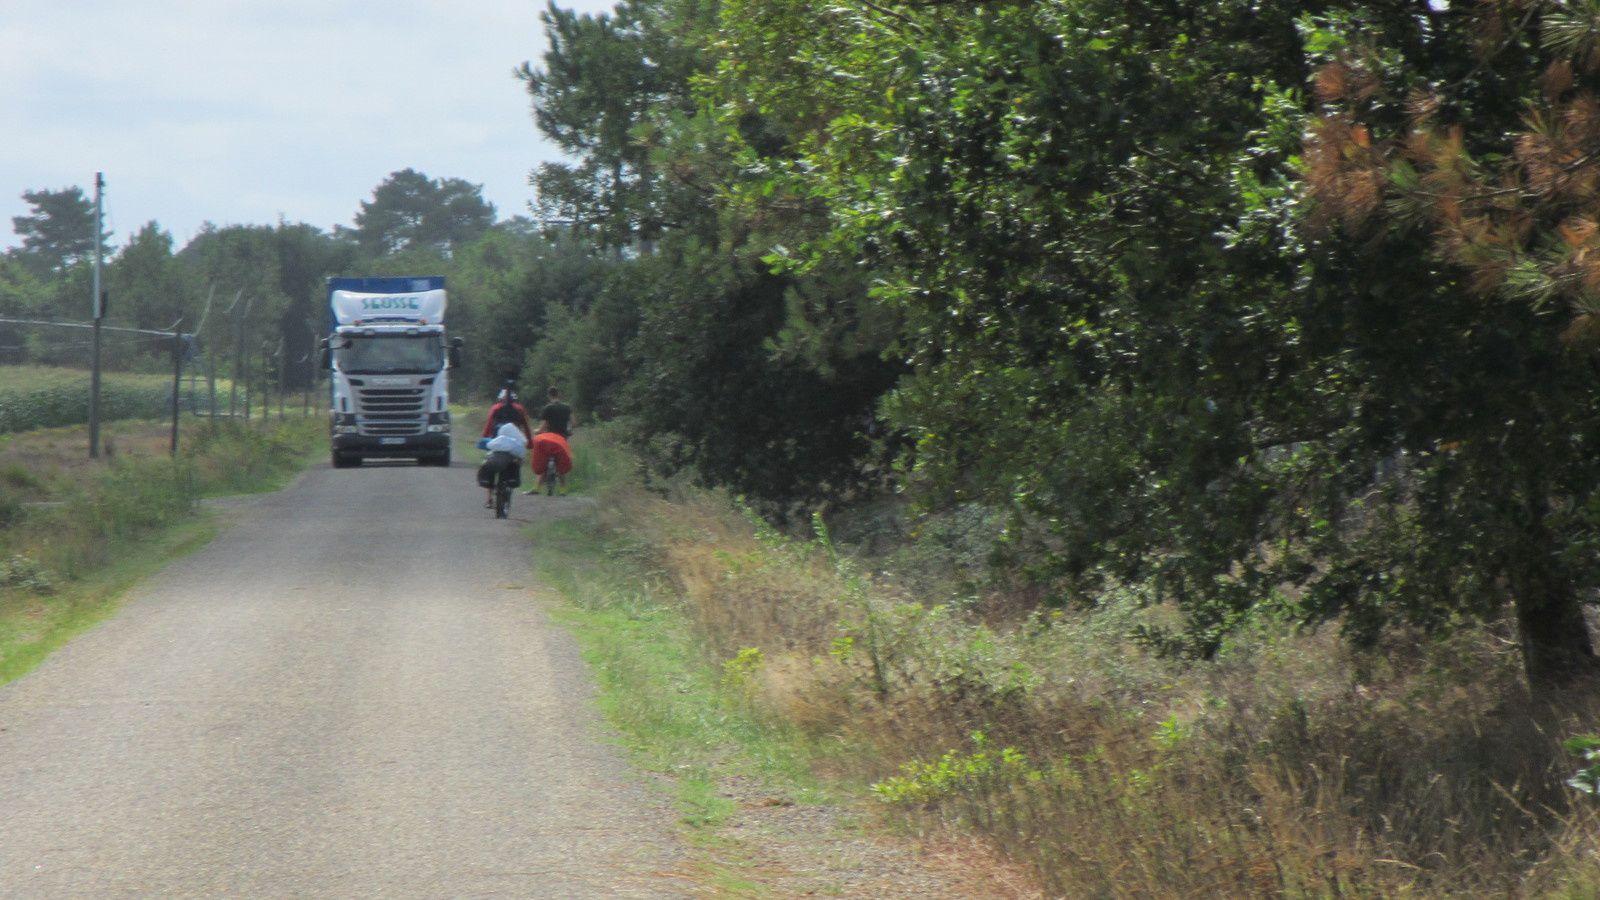 Attention aux poids lourds ! Dans les forêts landaises, la cohabitation est parfois difficile avec les camions de débardage.